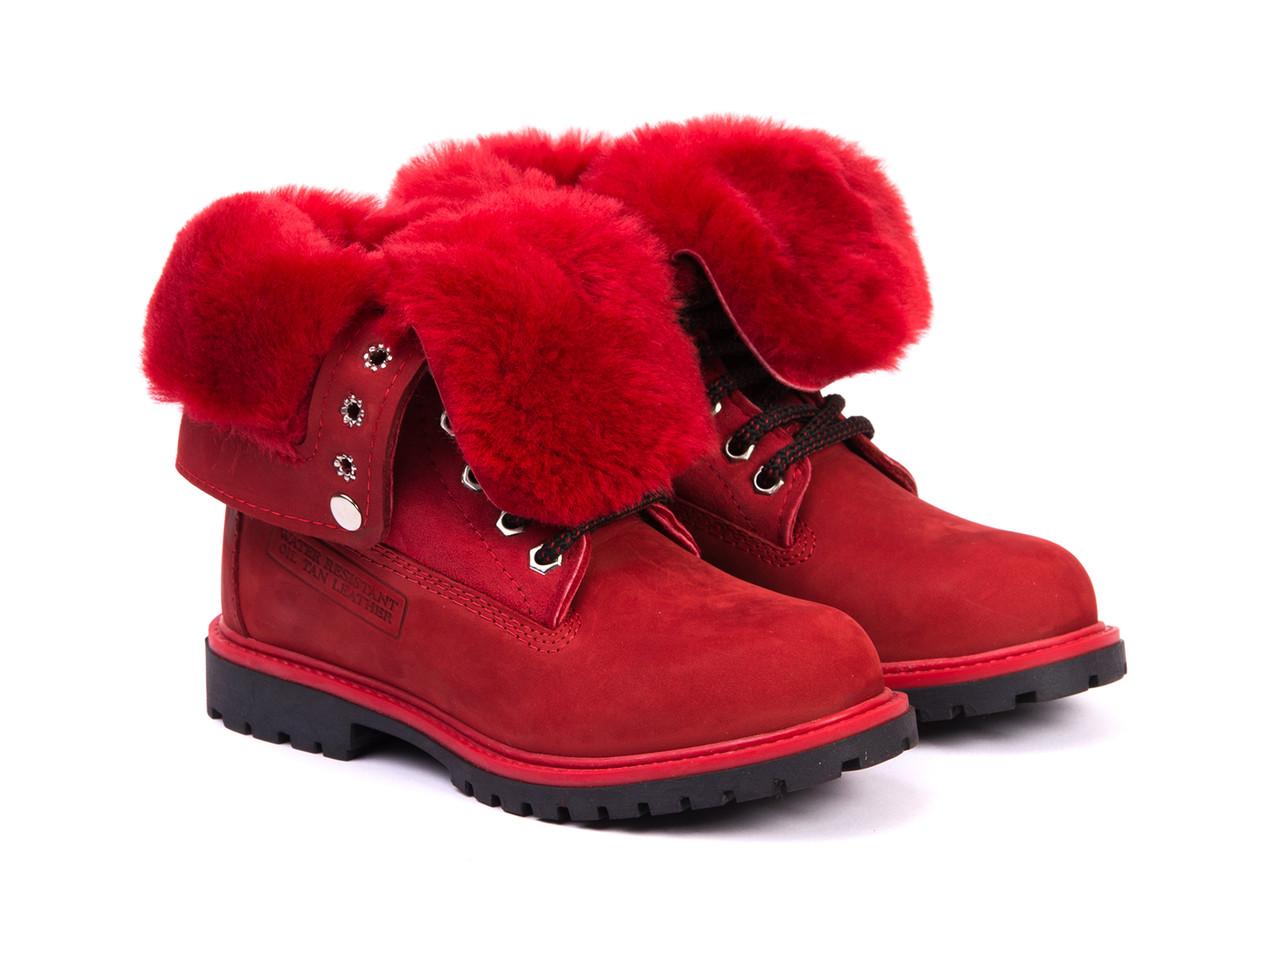 Ботинки Etor 10315-2298-740 красные